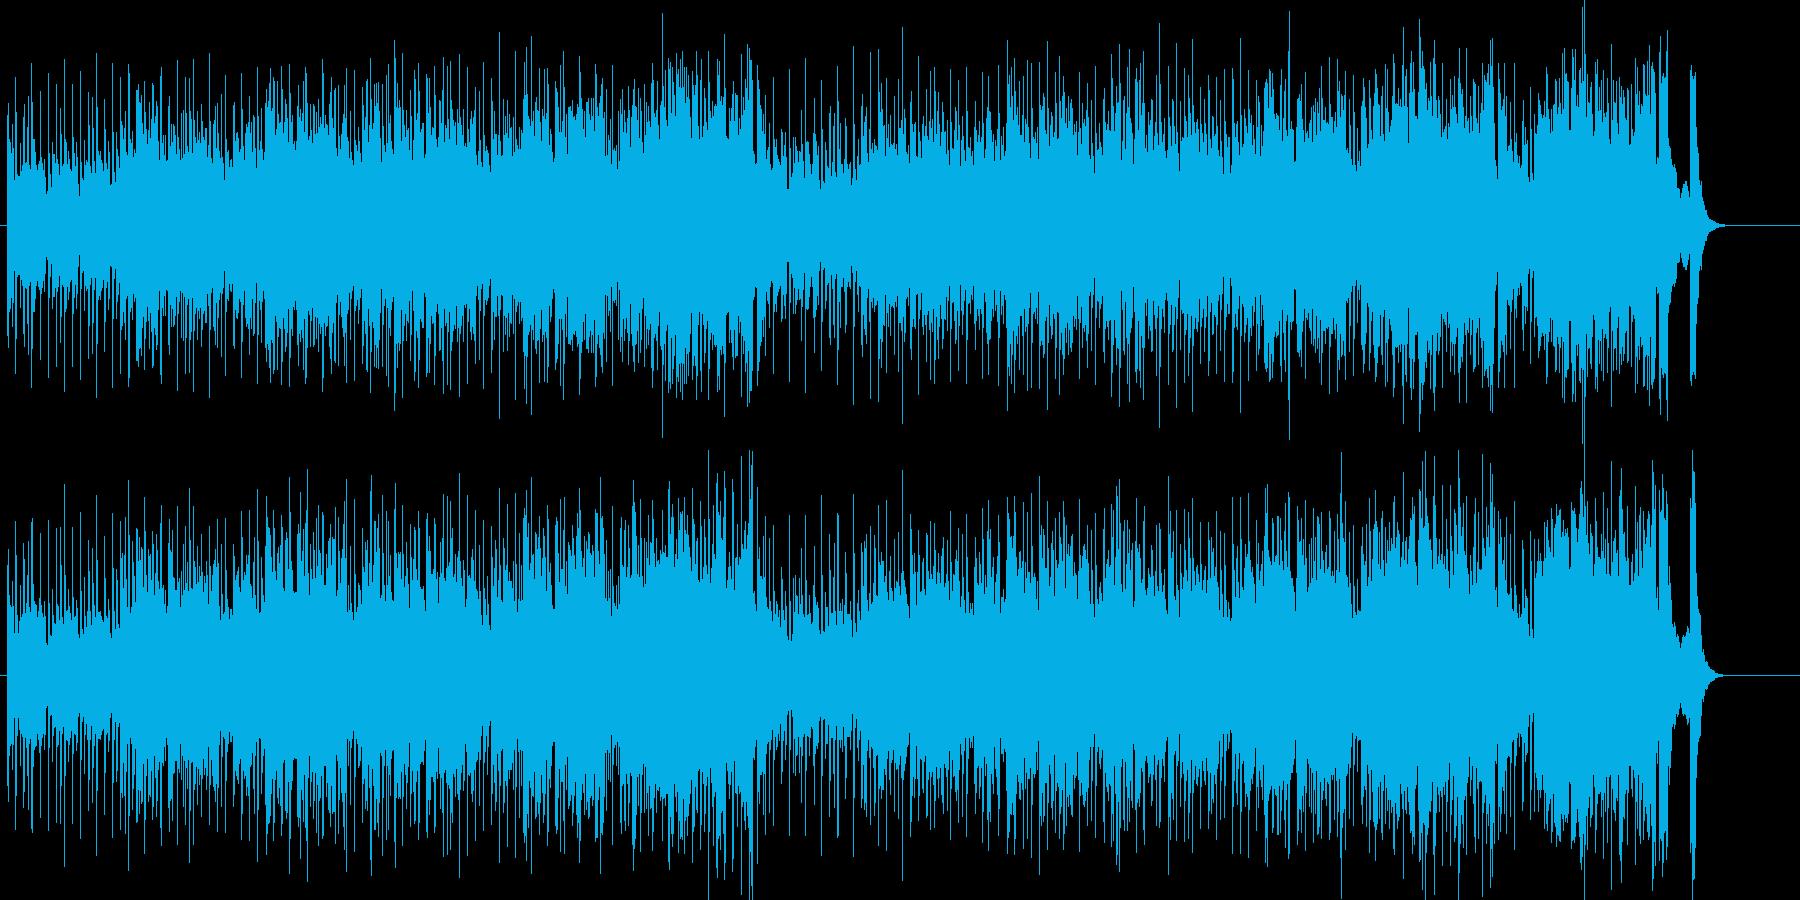 ファンキーでアップビートなオープニングの再生済みの波形